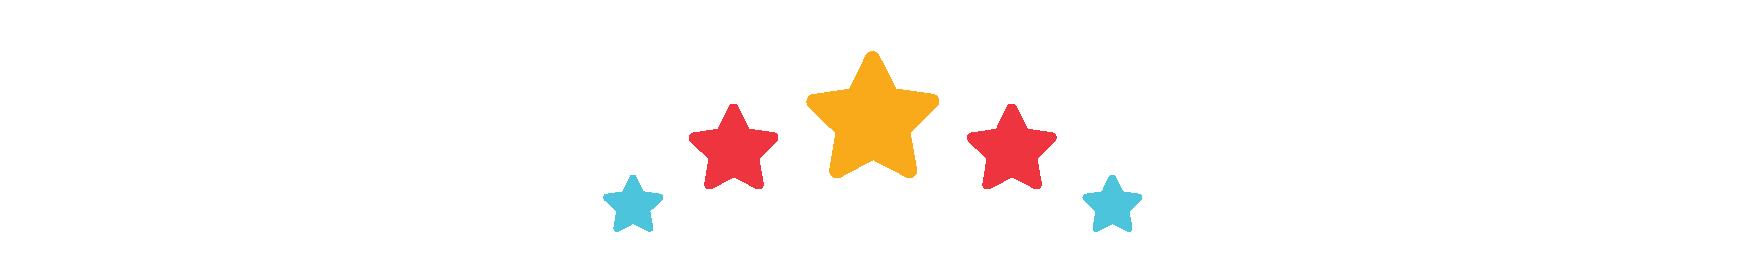 mac_Stars.png